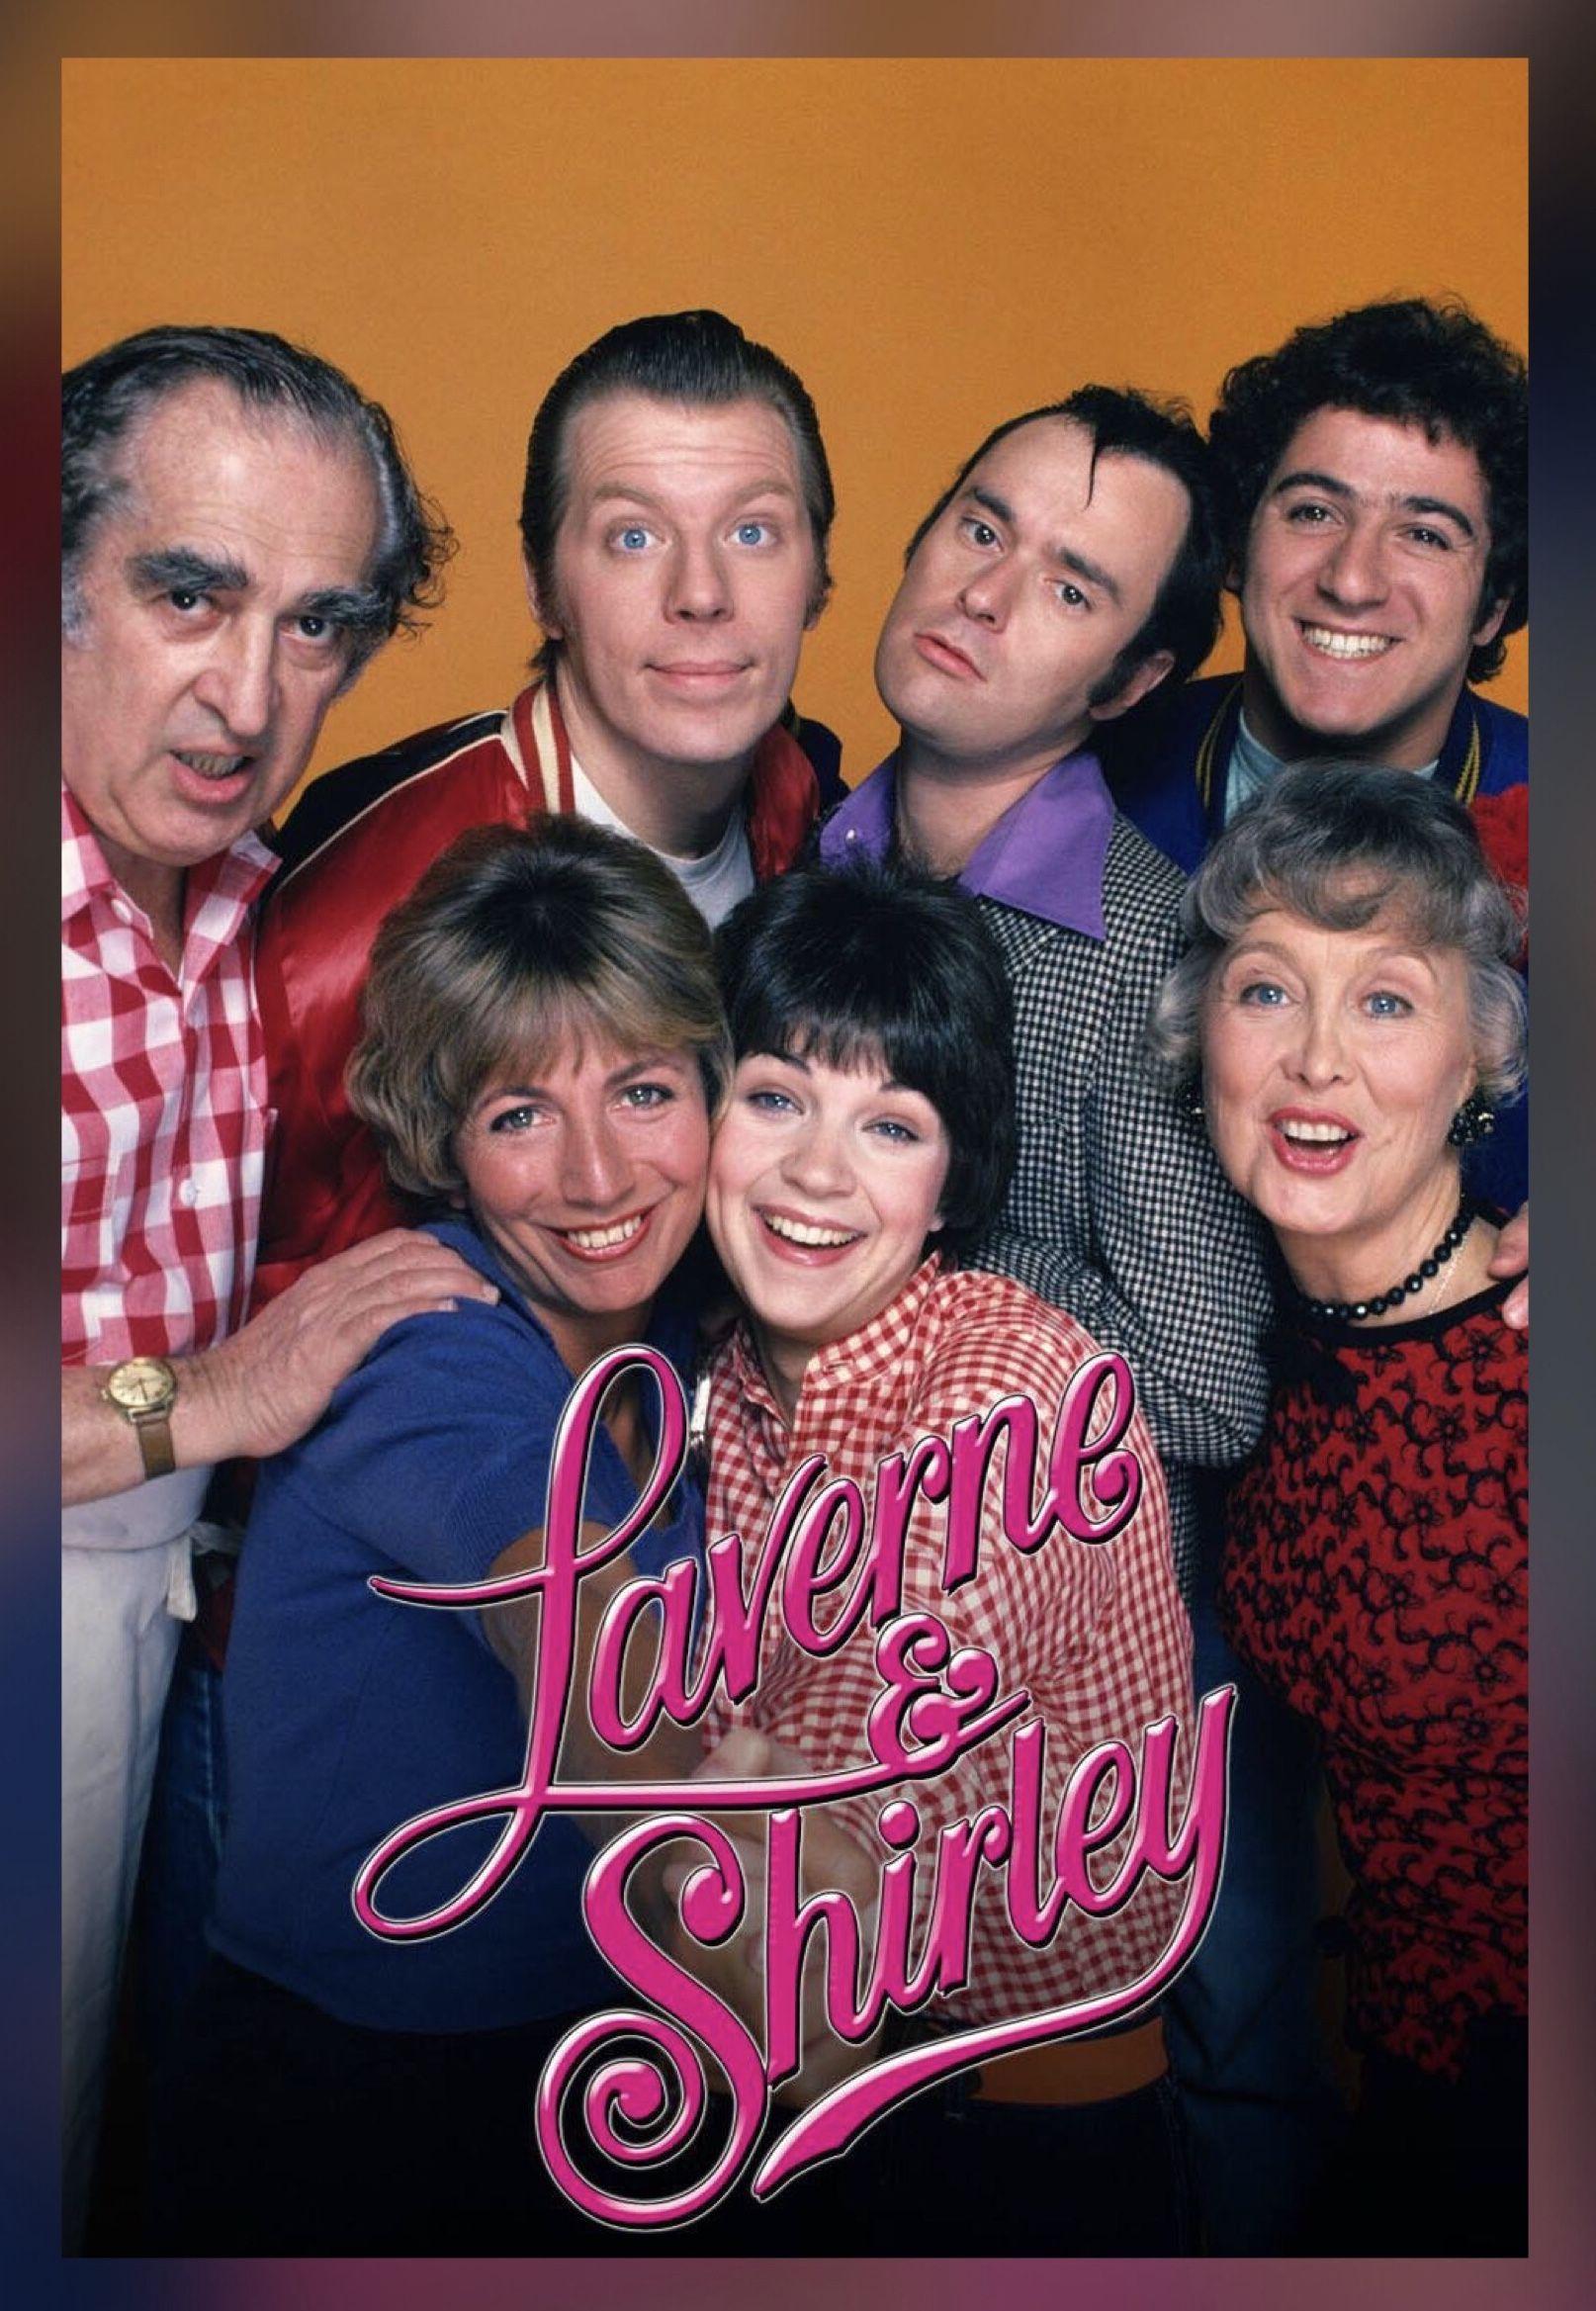 laverne and shirley dating slump cast seznamky podobné oáze